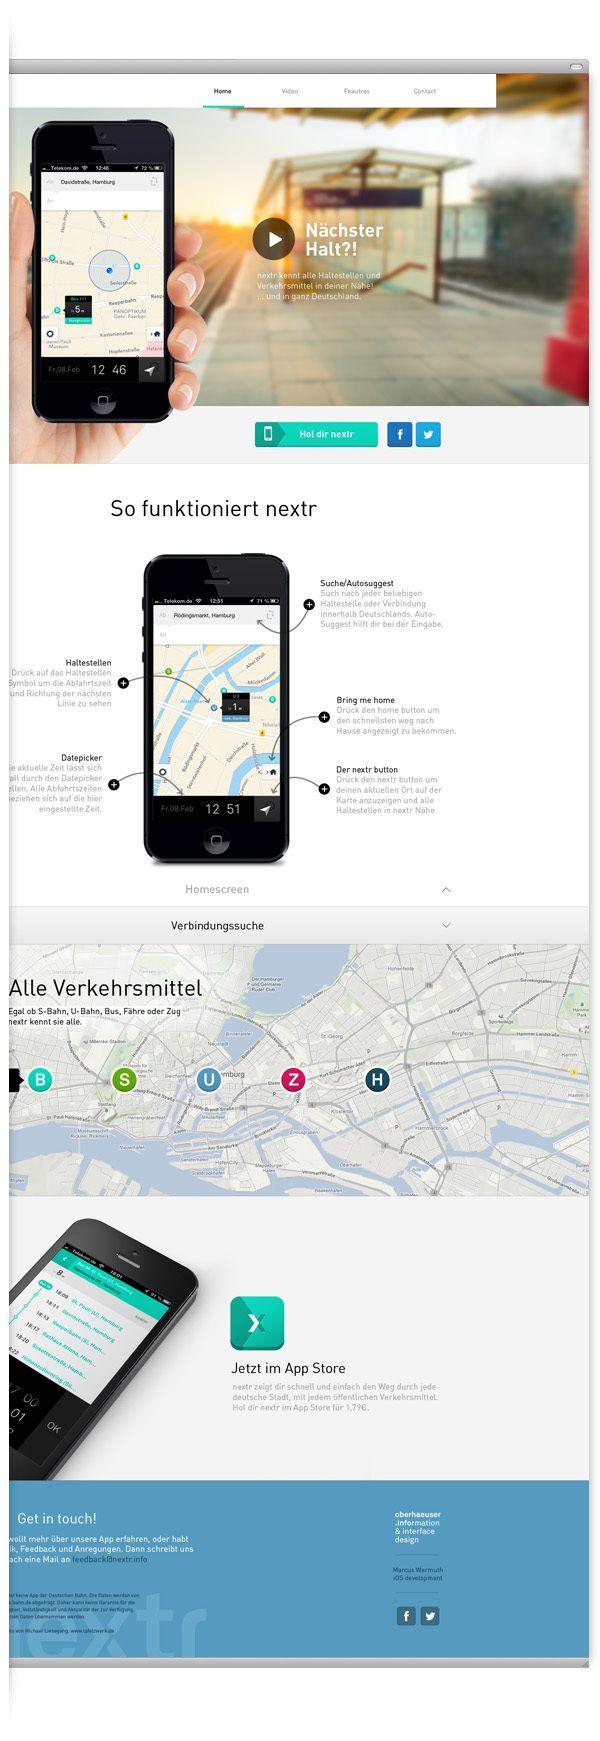 nextr app . public transportation guidance by Martin Oberhäuser, via Behance